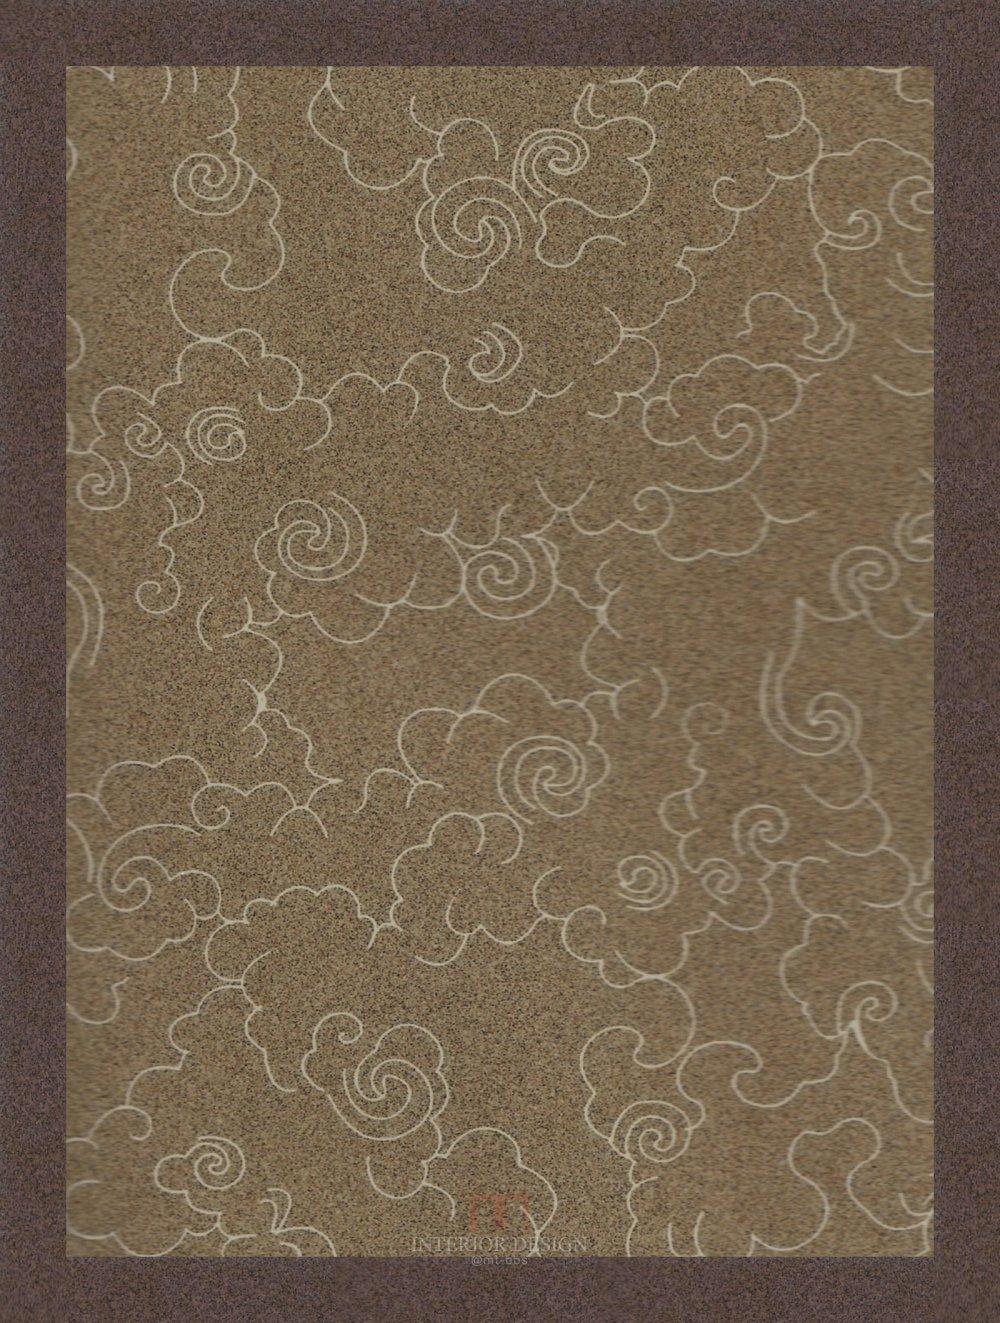 高清地毯贴图_106.jpg